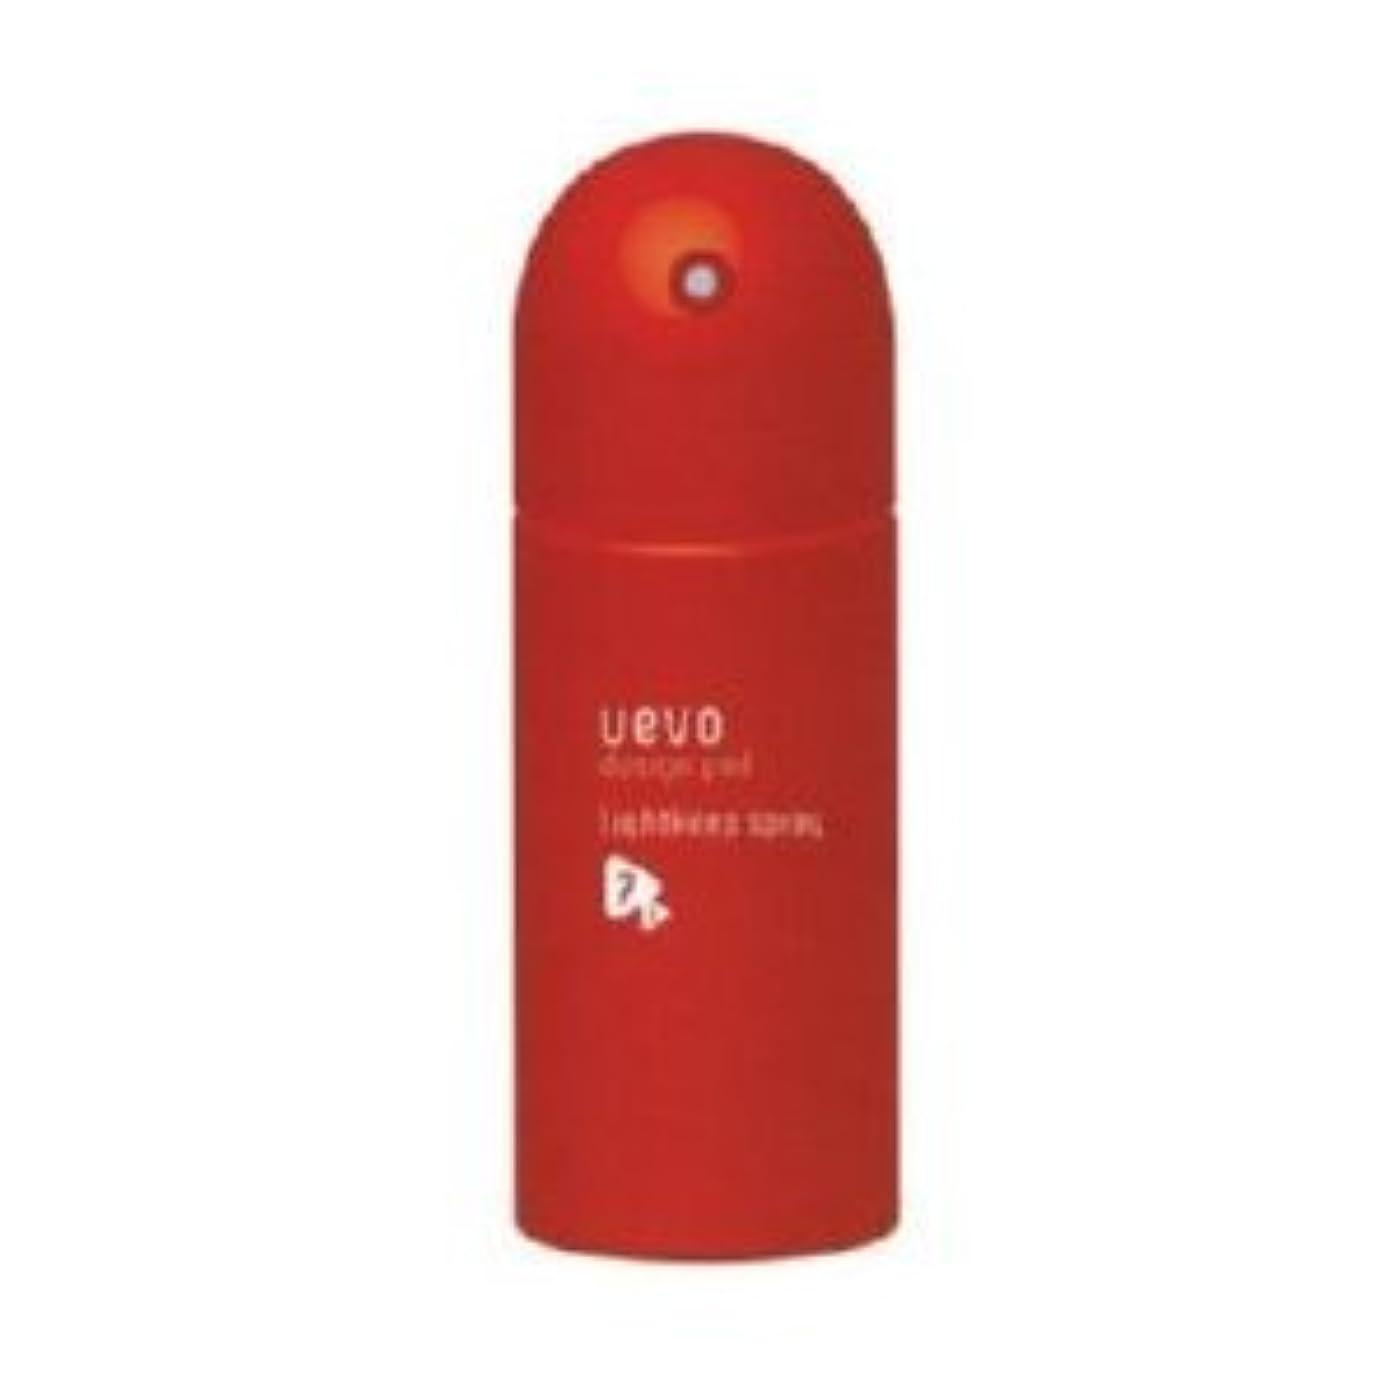 メドレー中央売上高【X5個セット】 デミ ウェーボ デザインポッド ライトキープスプレー 220ml lightkeep spray DEMI uevo design pod